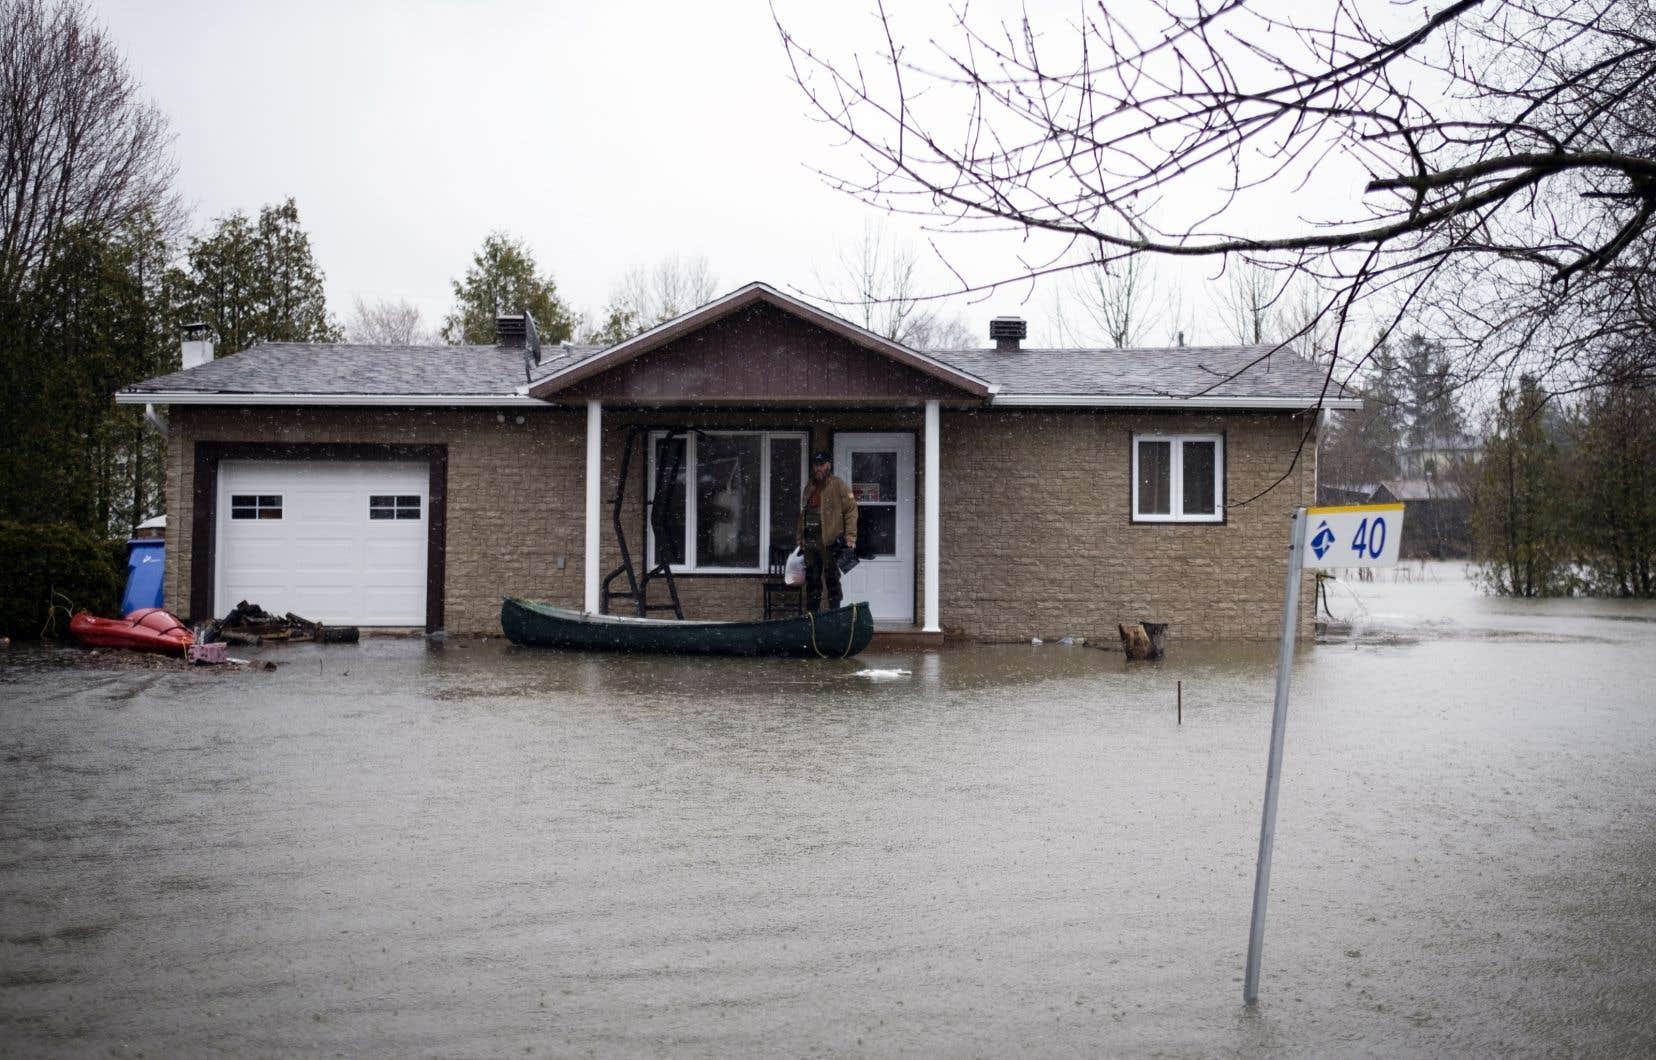 Inondations à Rigaud, le vendredi 26 avril 2019